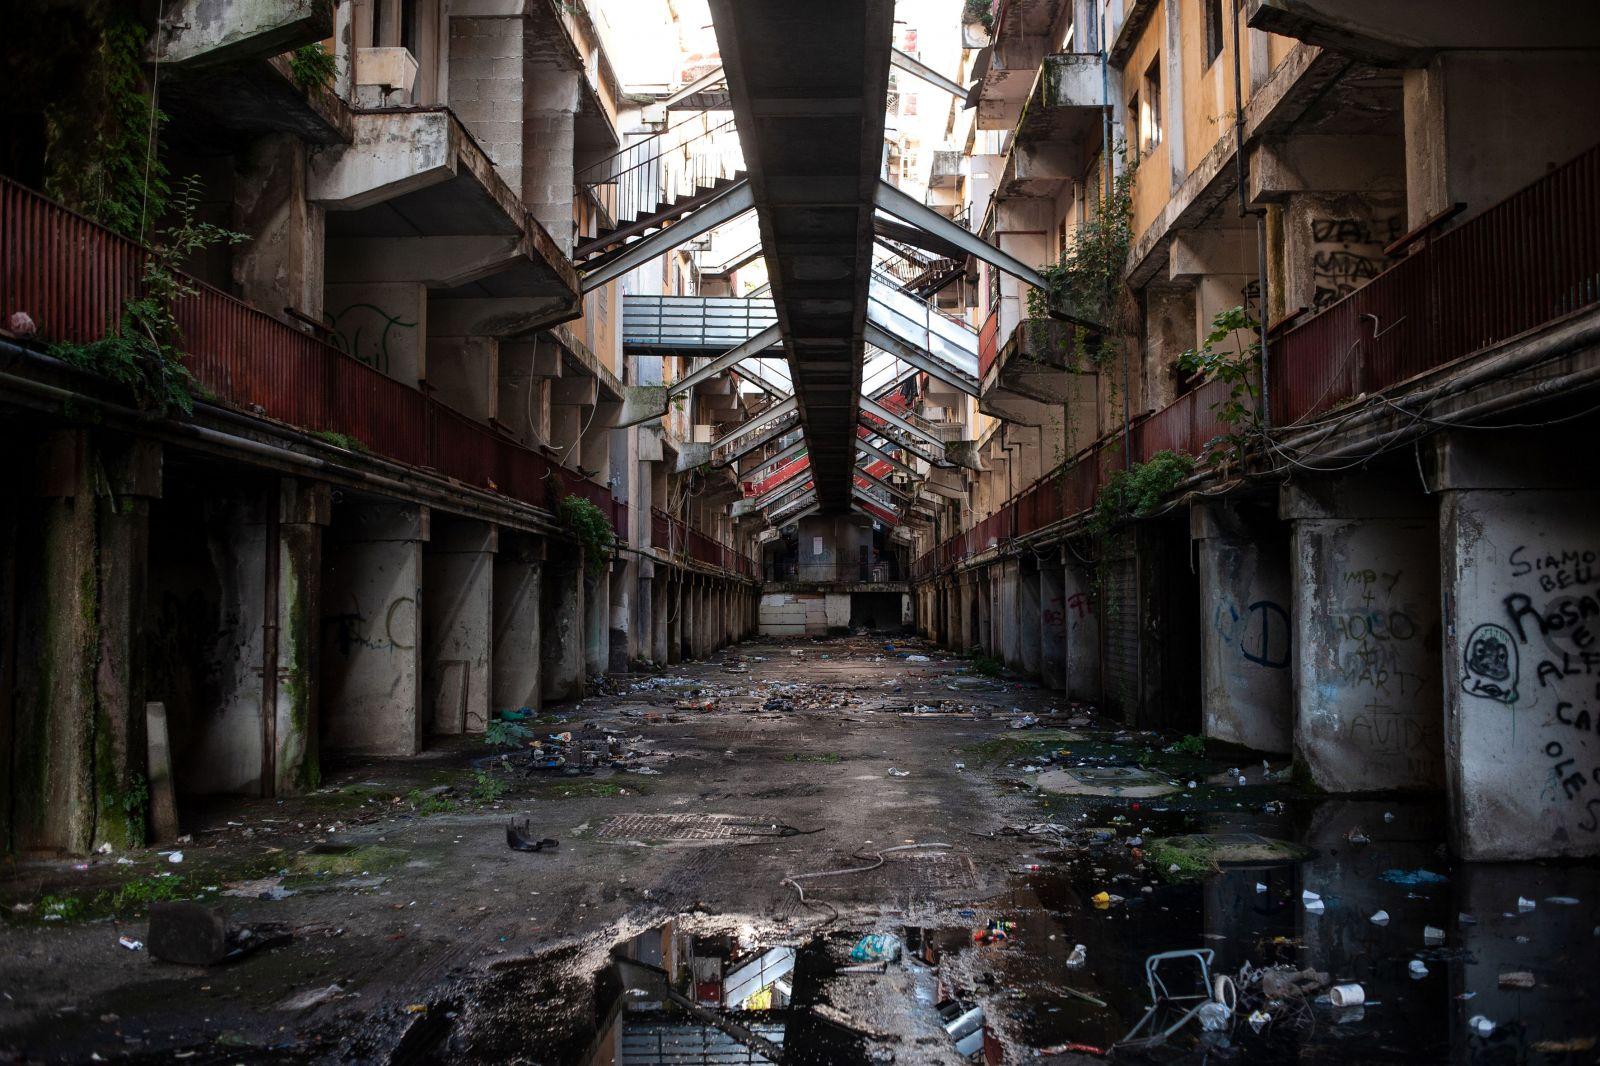 Italské brutalistní sídliště bylo dějištěm krvavých válek mezi mafiánskými klany. Zastaví architektonickou depresi demolice?